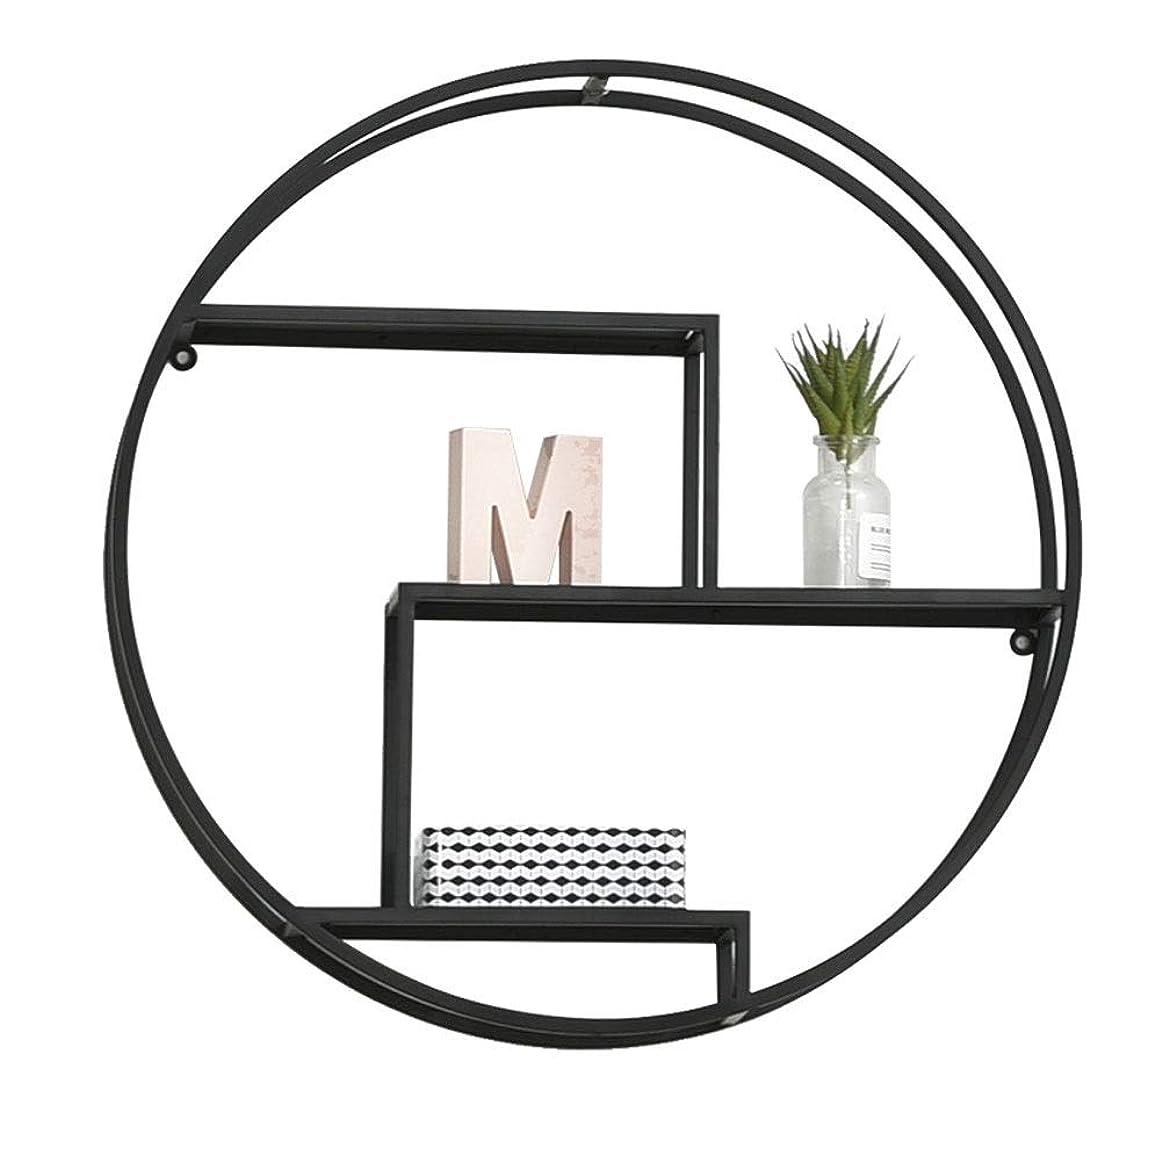 到着豊富にブレース金属壁掛けラックリビングルームテレビ壁の装飾フローティングフレーム寝室クリエイティブグリッド収納ラック -3.23 (Color : Black)